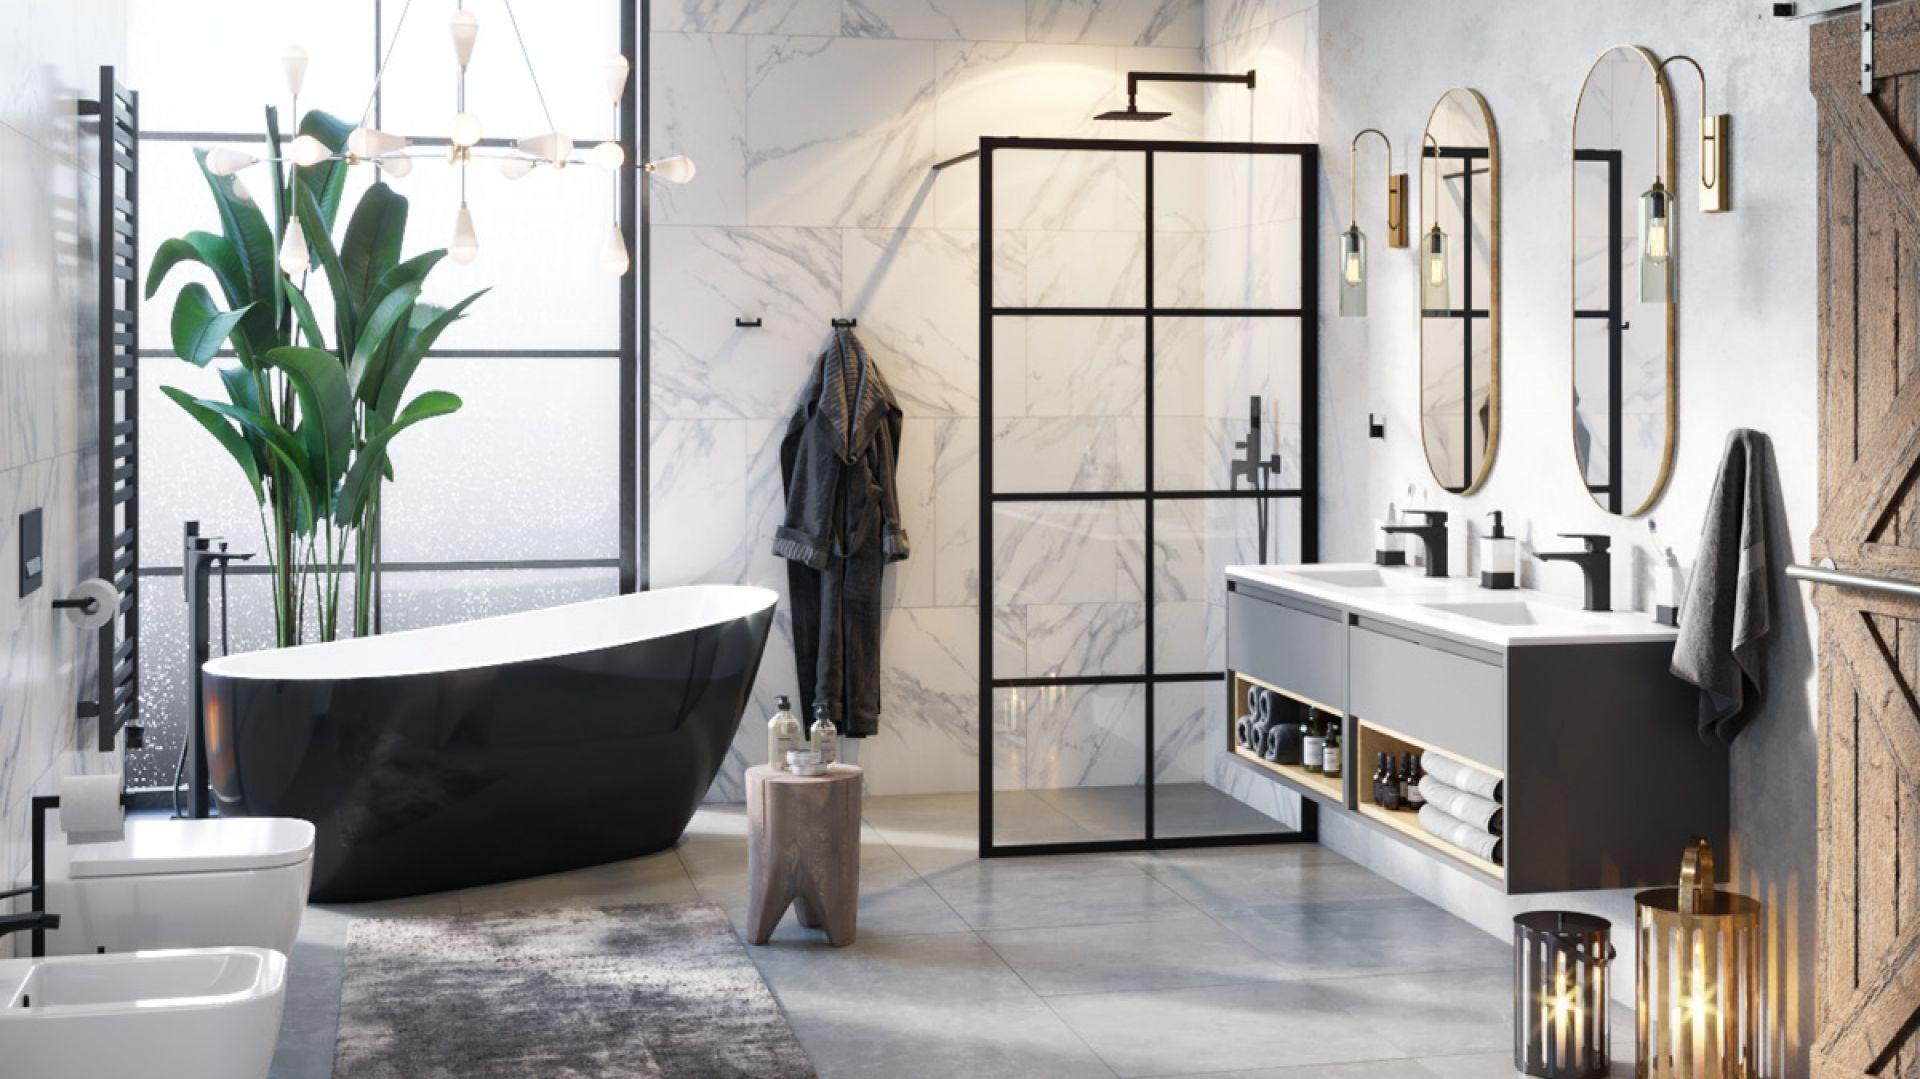 Nowoczesna łazienka Zobacz 12 Modeli Kabin Prysznicowych